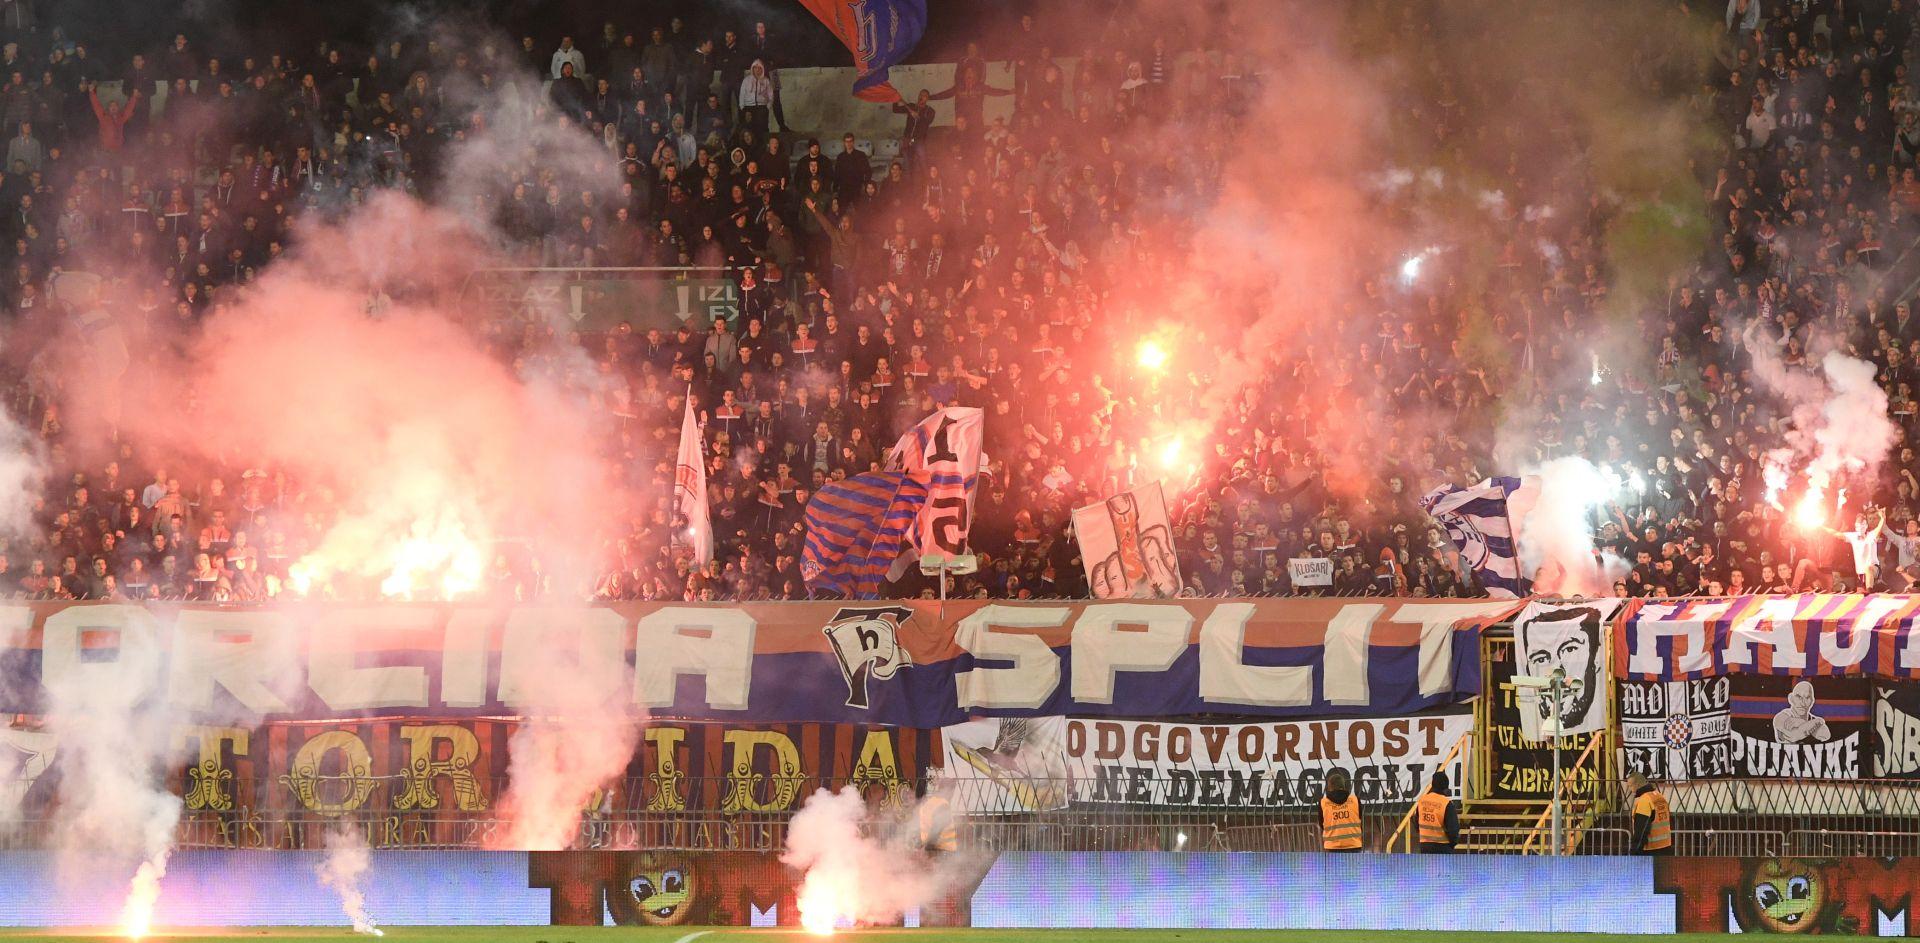 Hajduku 40 tisuća kuna kazne zbog bakljade protiv Osijeka